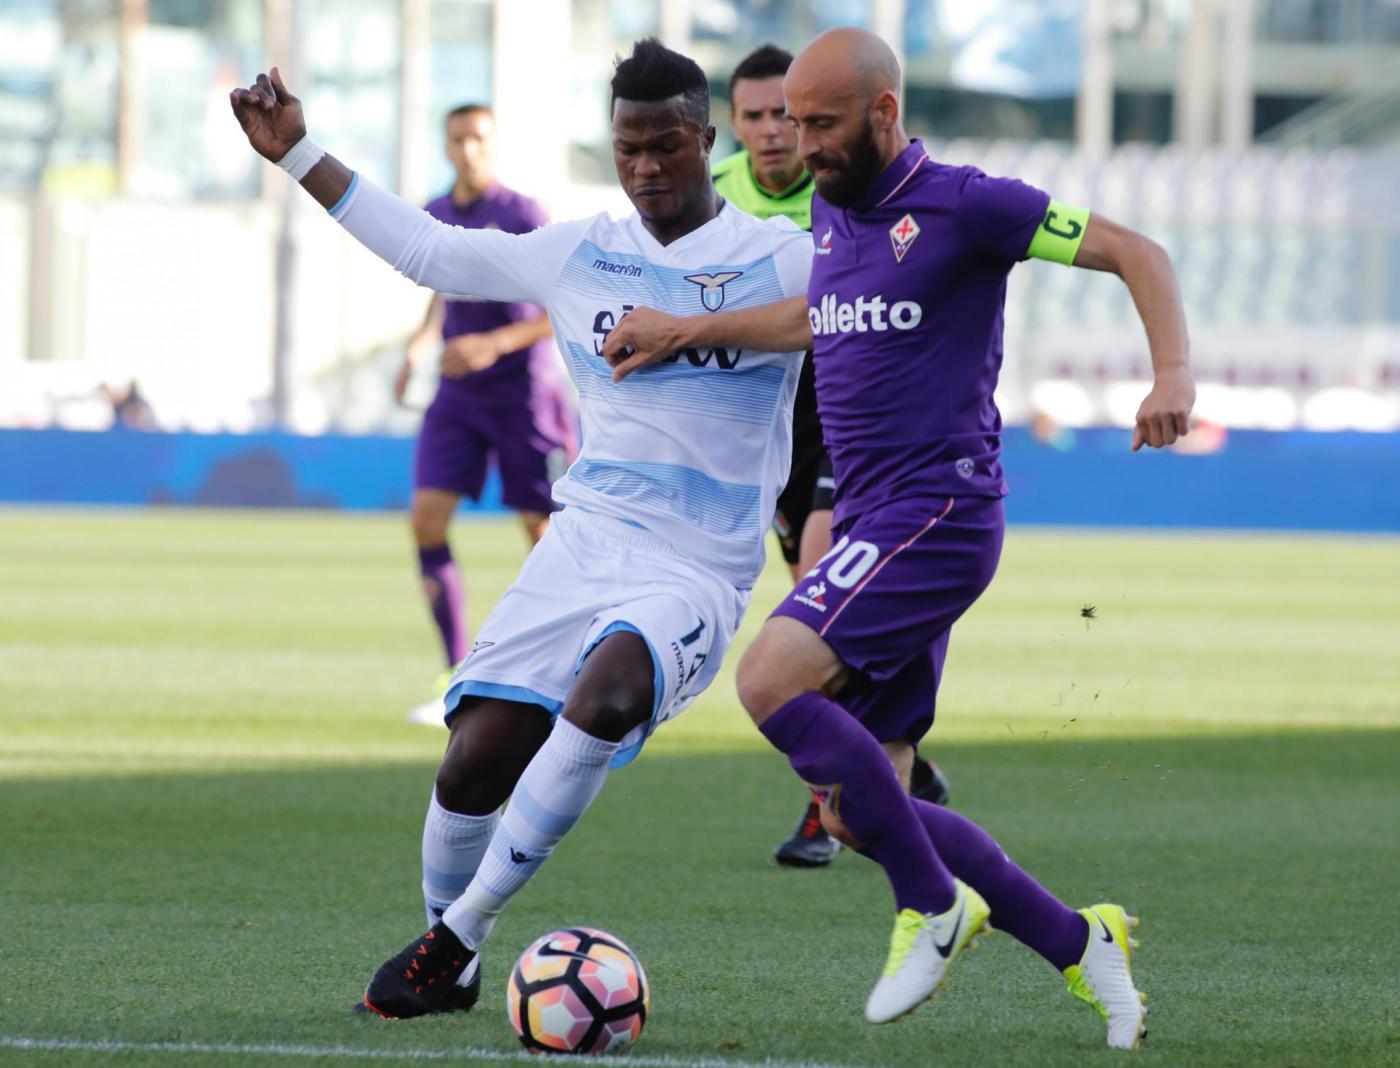 Calciomercato, Inter: triennale per Borja Valero, ecco le cifre